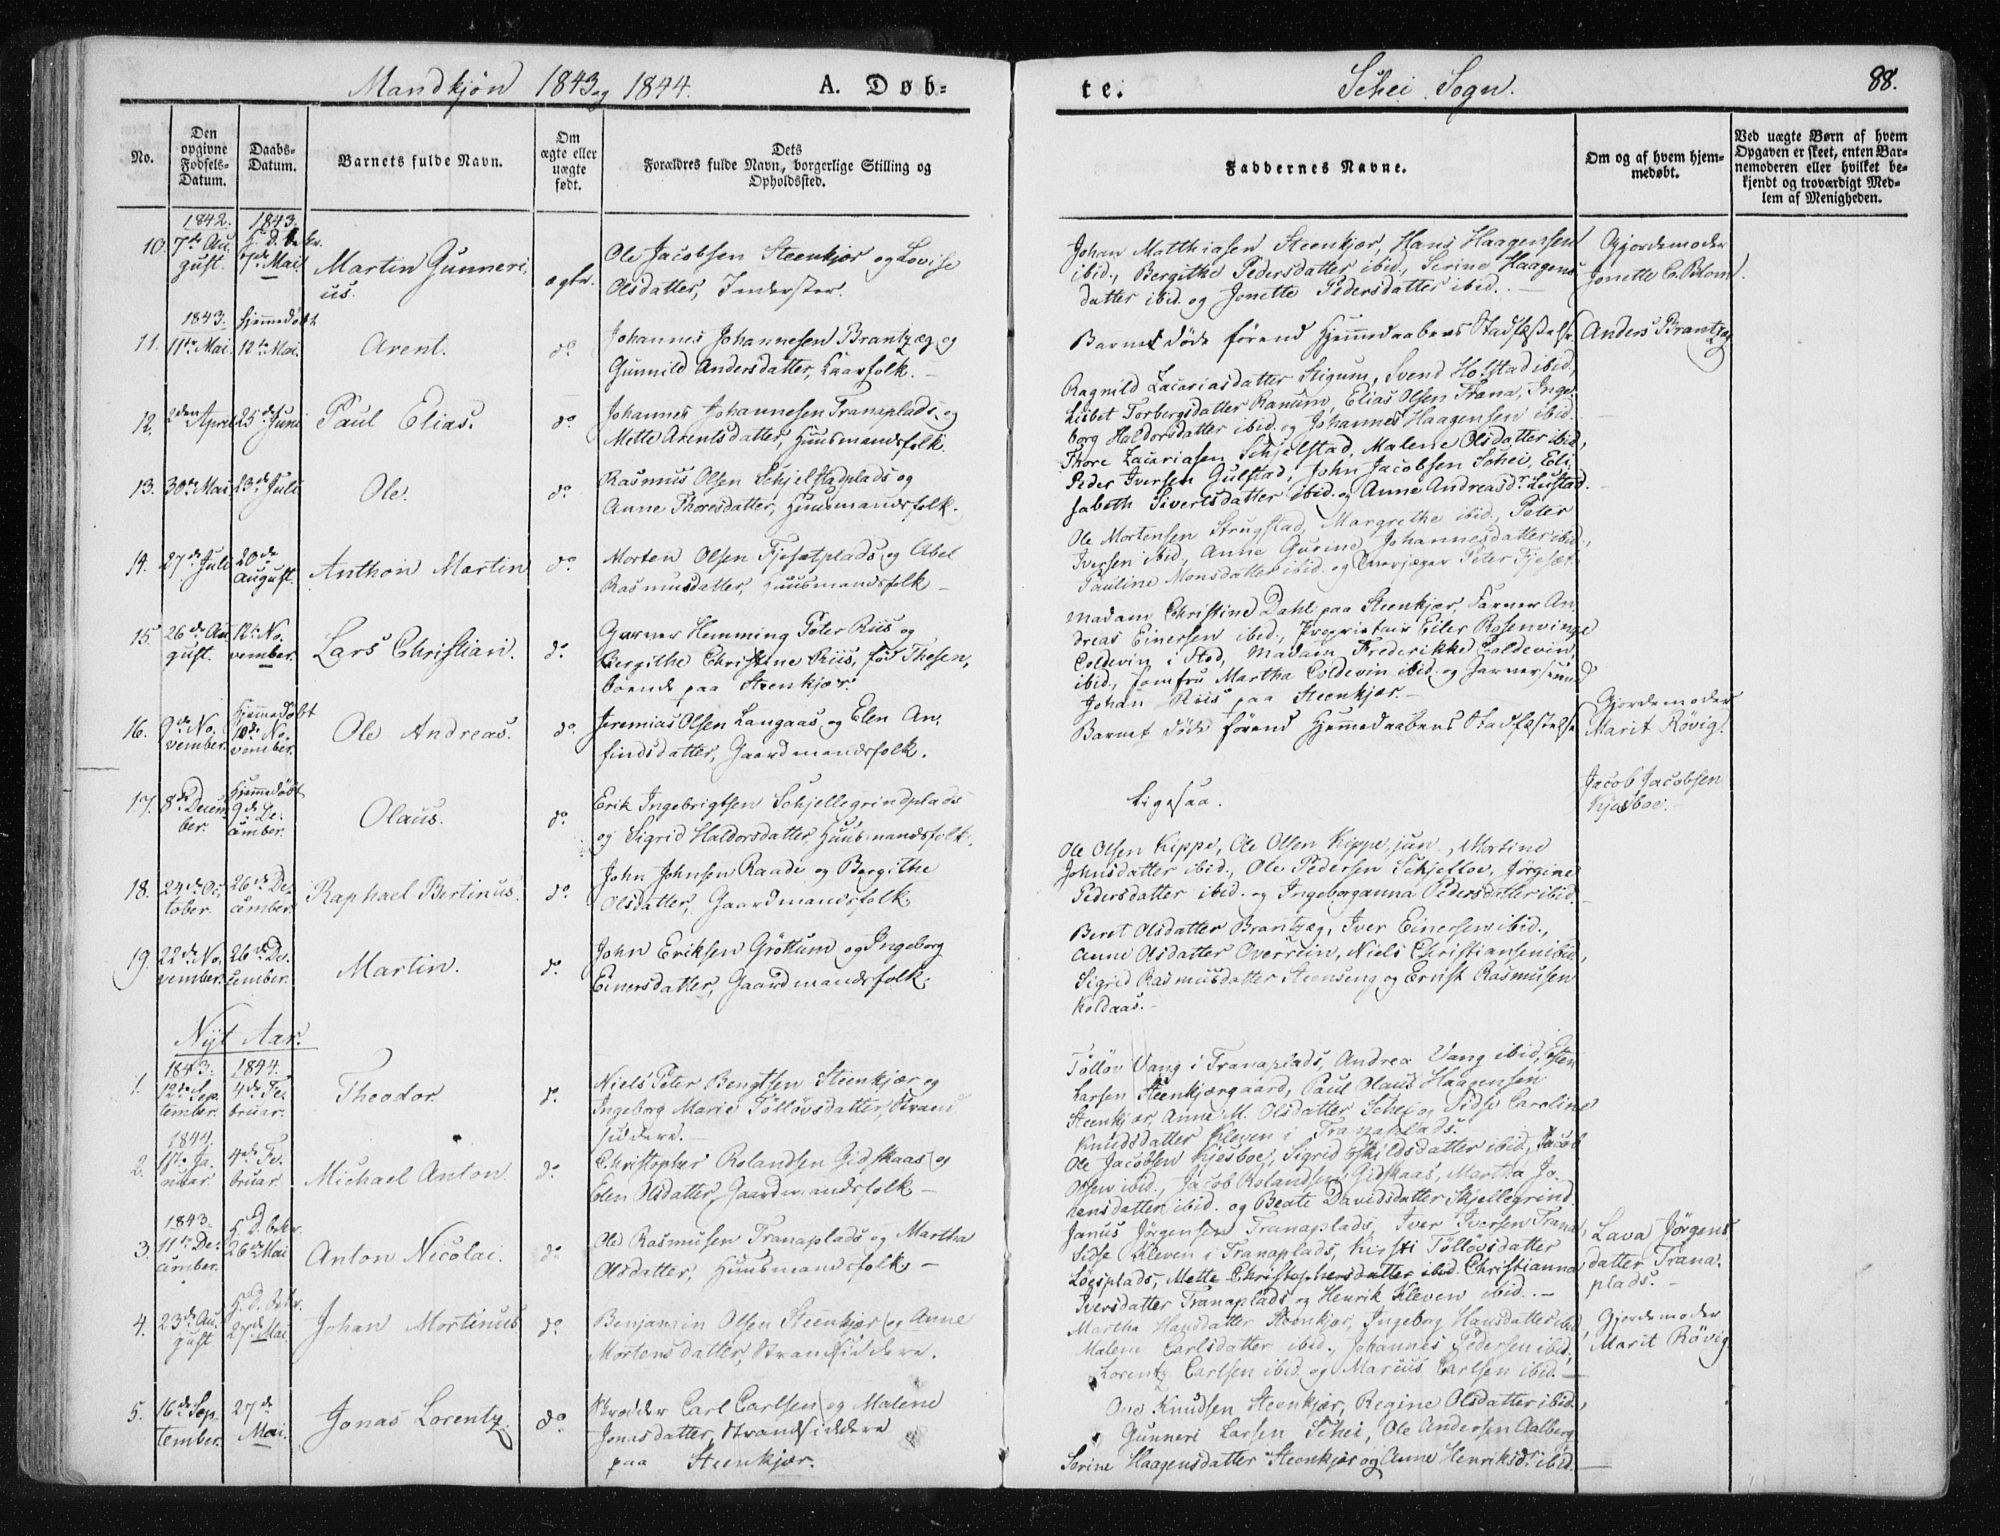 SAT, Ministerialprotokoller, klokkerbøker og fødselsregistre - Nord-Trøndelag, 735/L0339: Ministerialbok nr. 735A06 /2, 1836-1848, s. 88